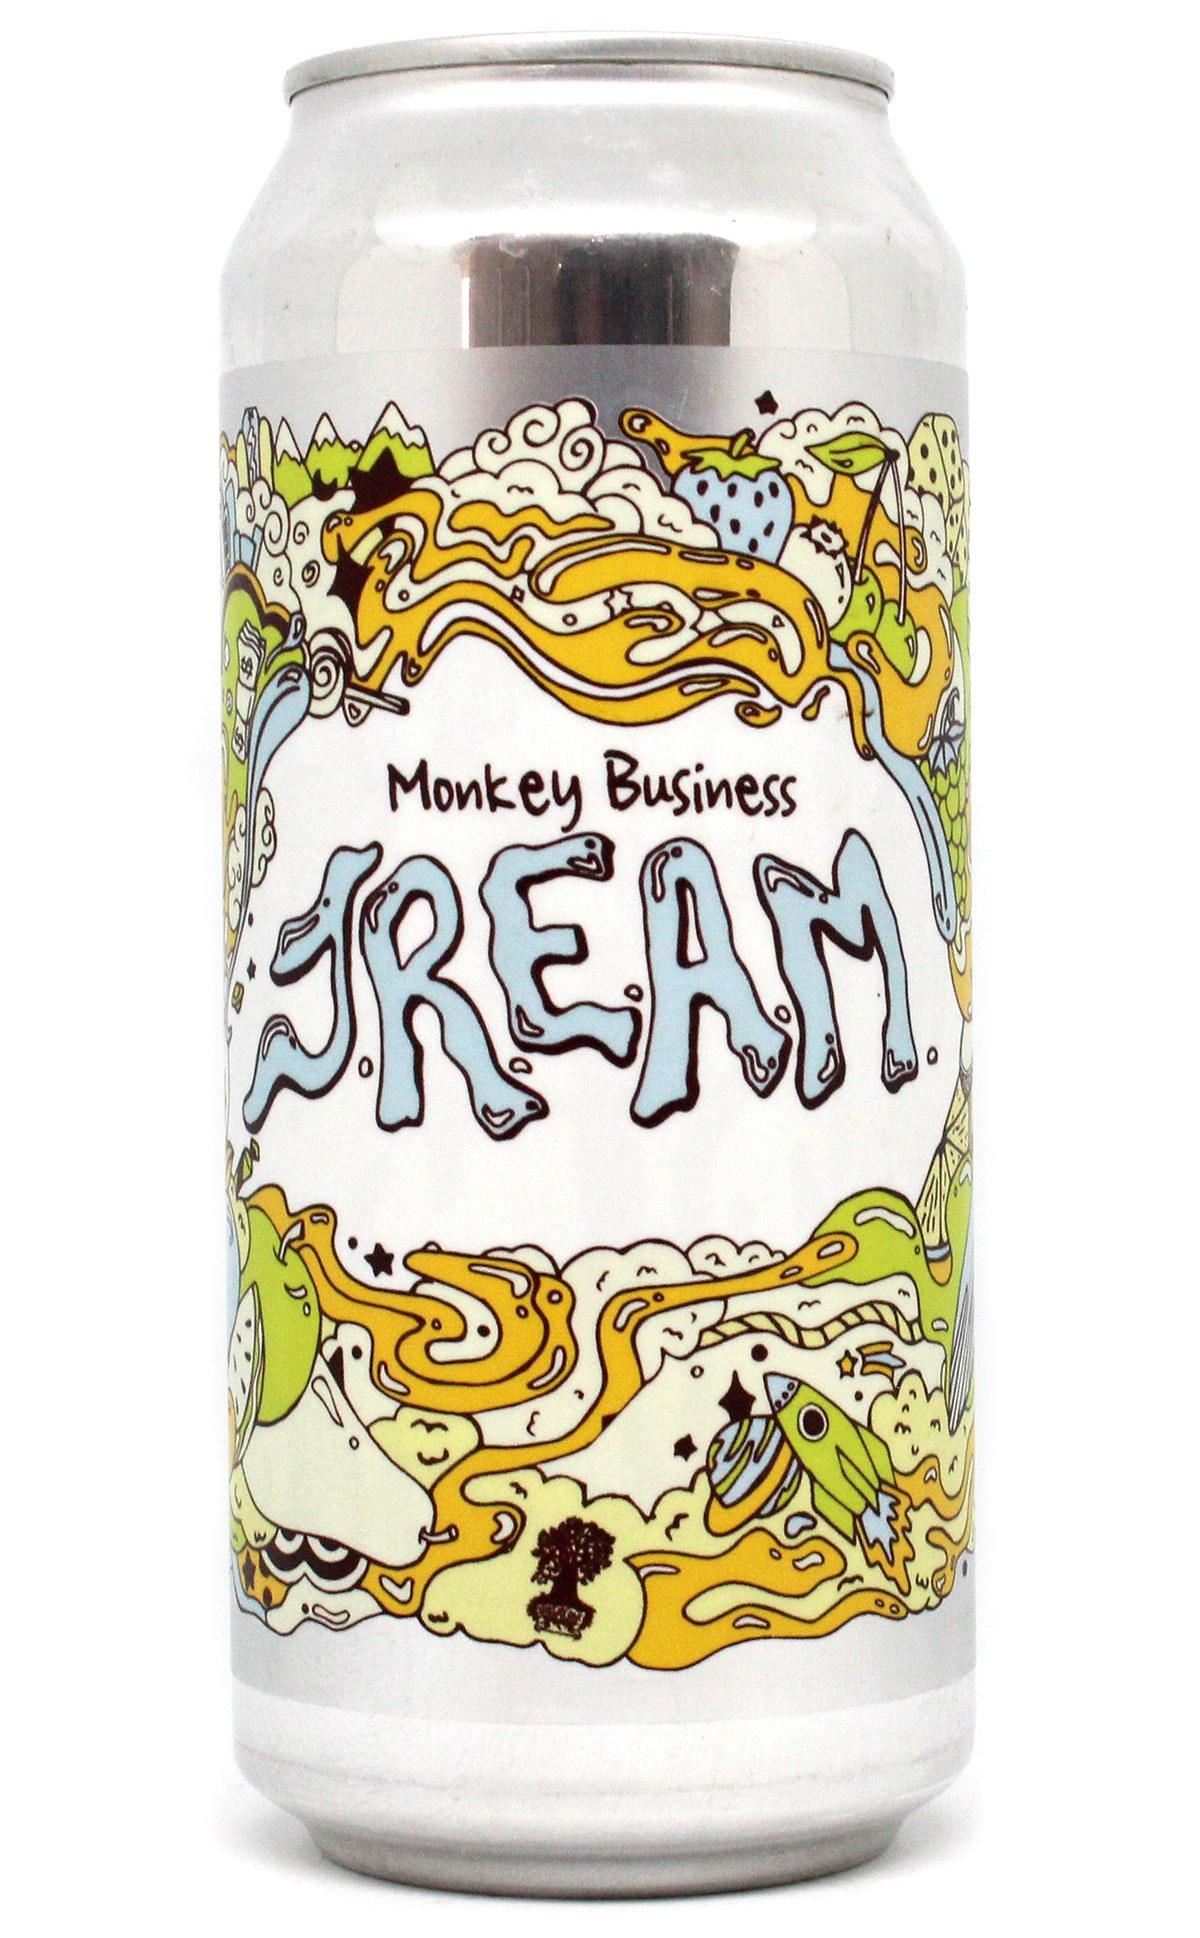 Monkey Business J.R.E.A.M.